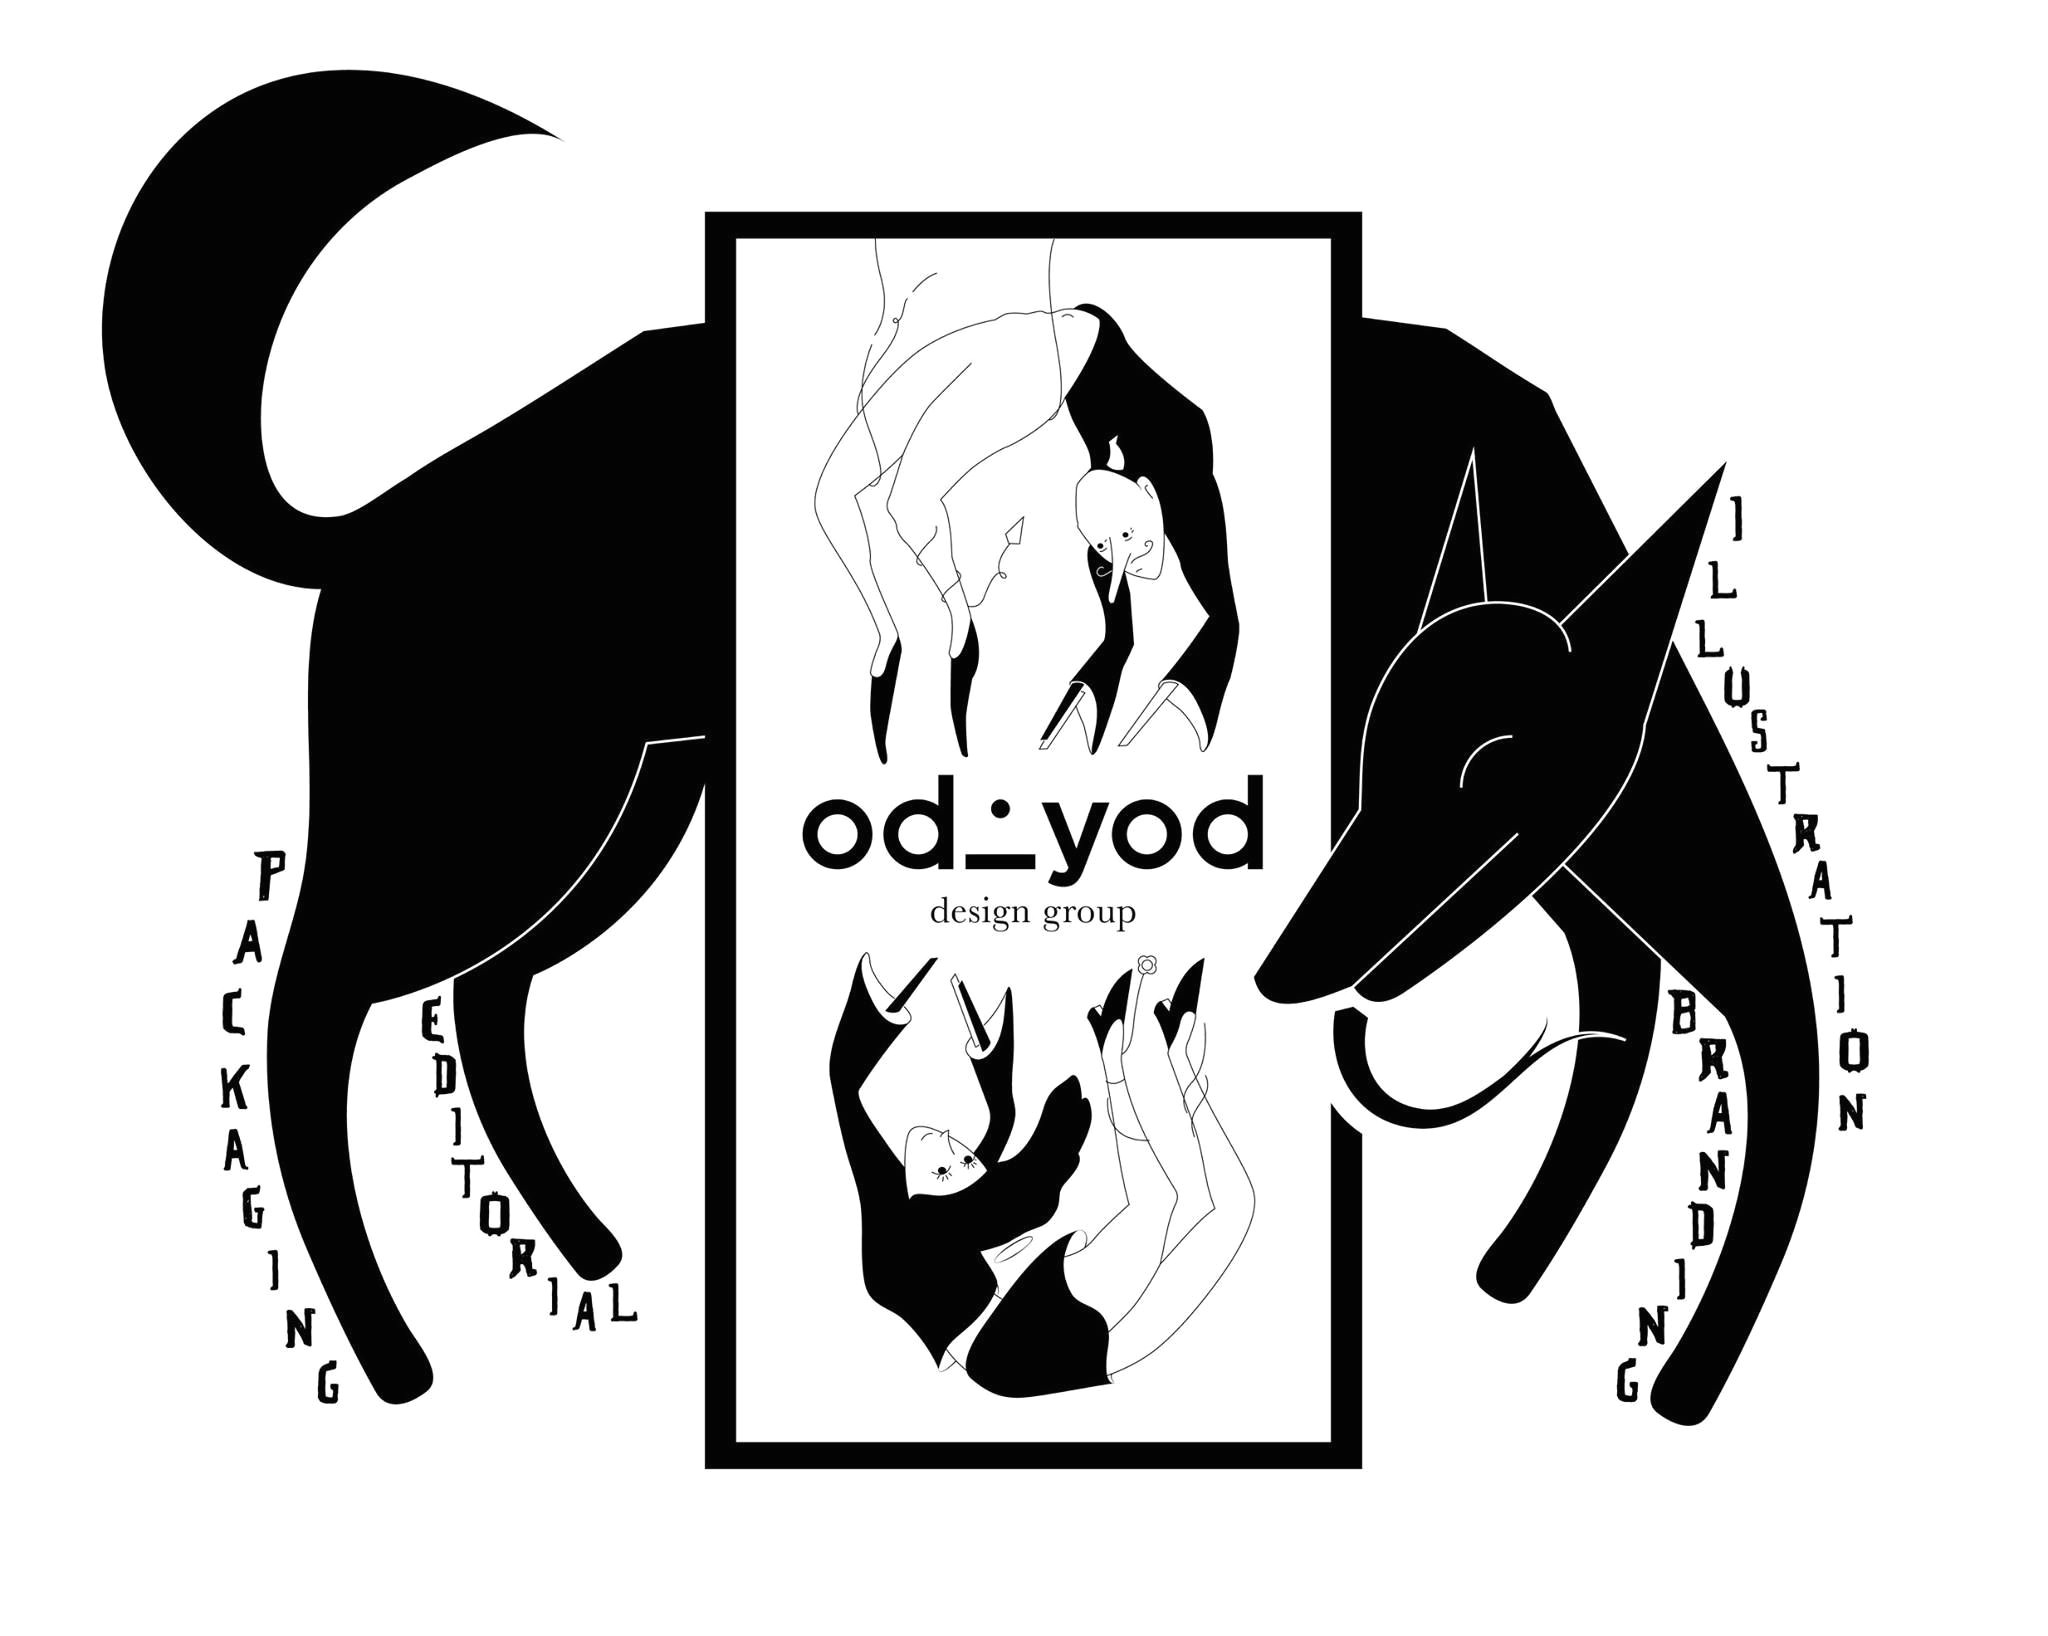 odd triad a girl a boy a dog oddyod sekaf dog black